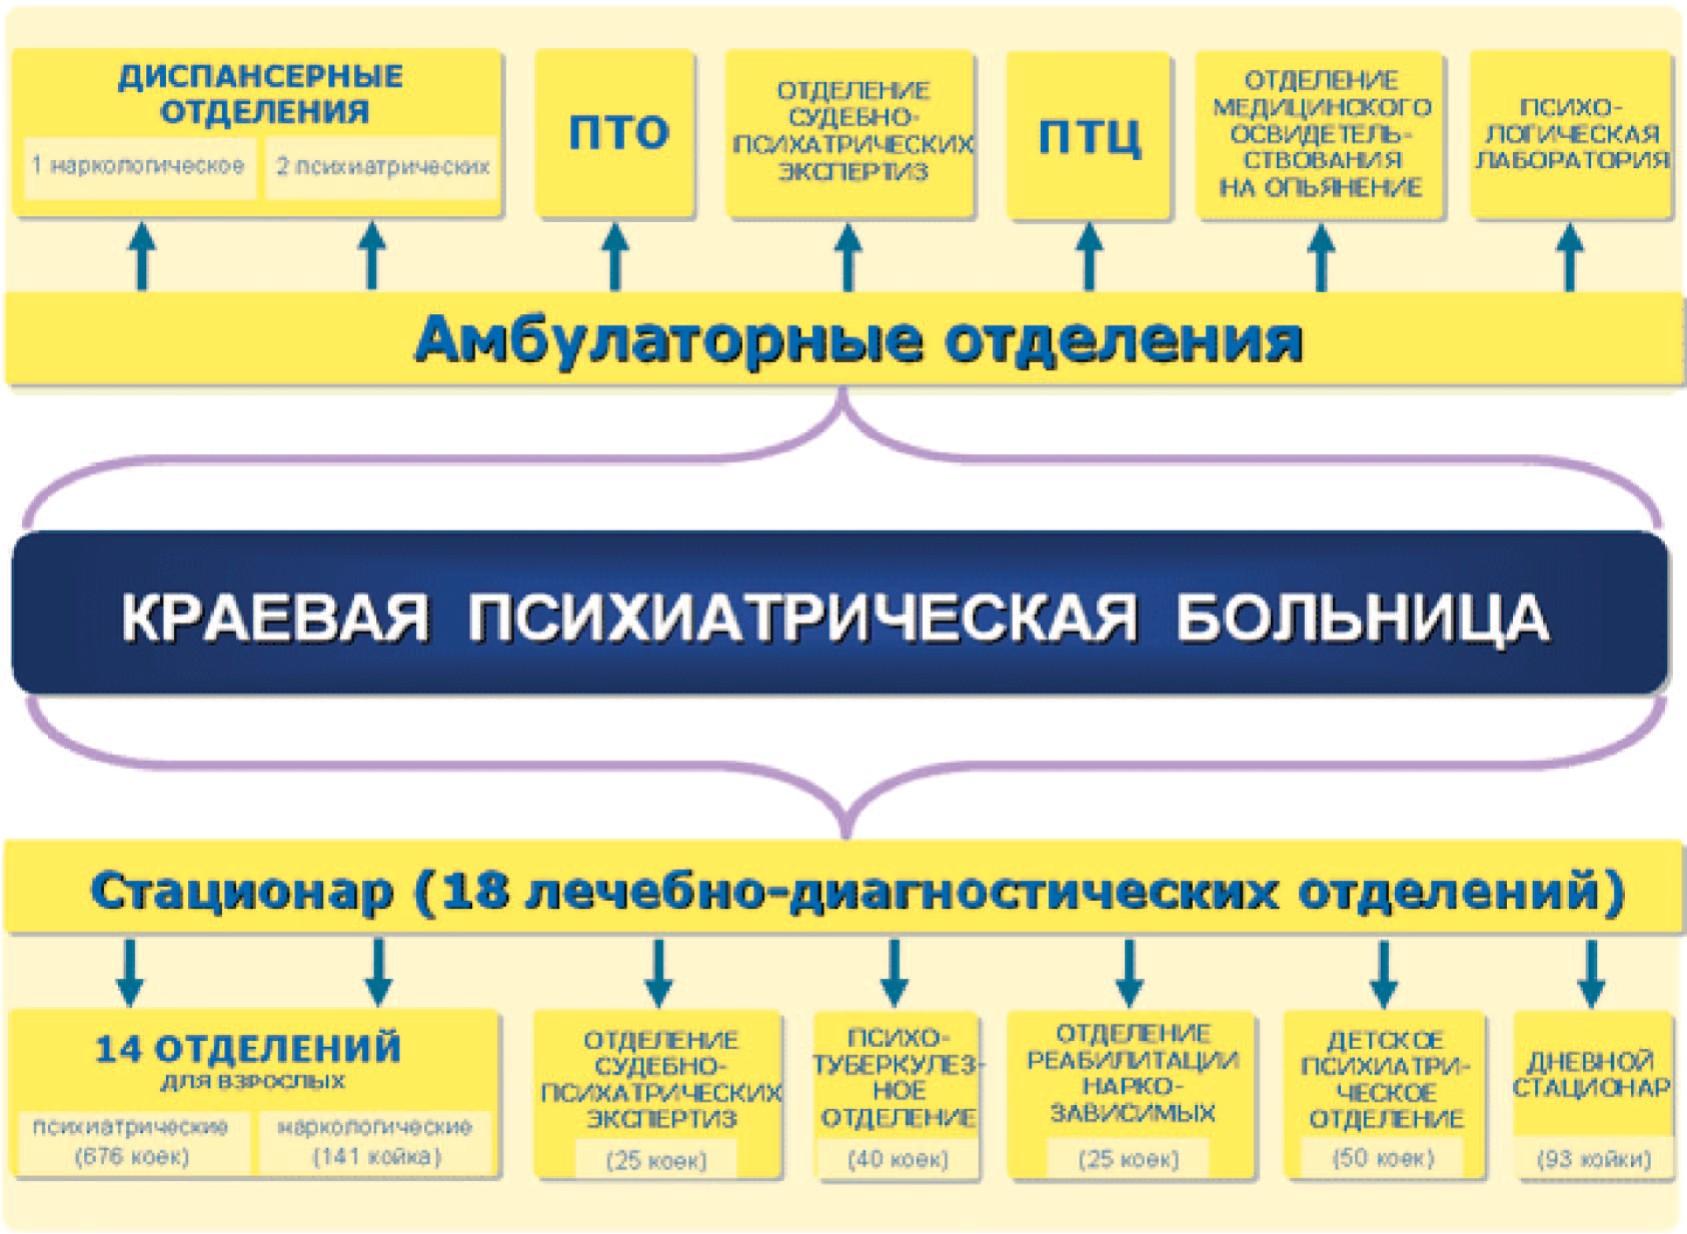 Структура региональной телепсихиатрической сети